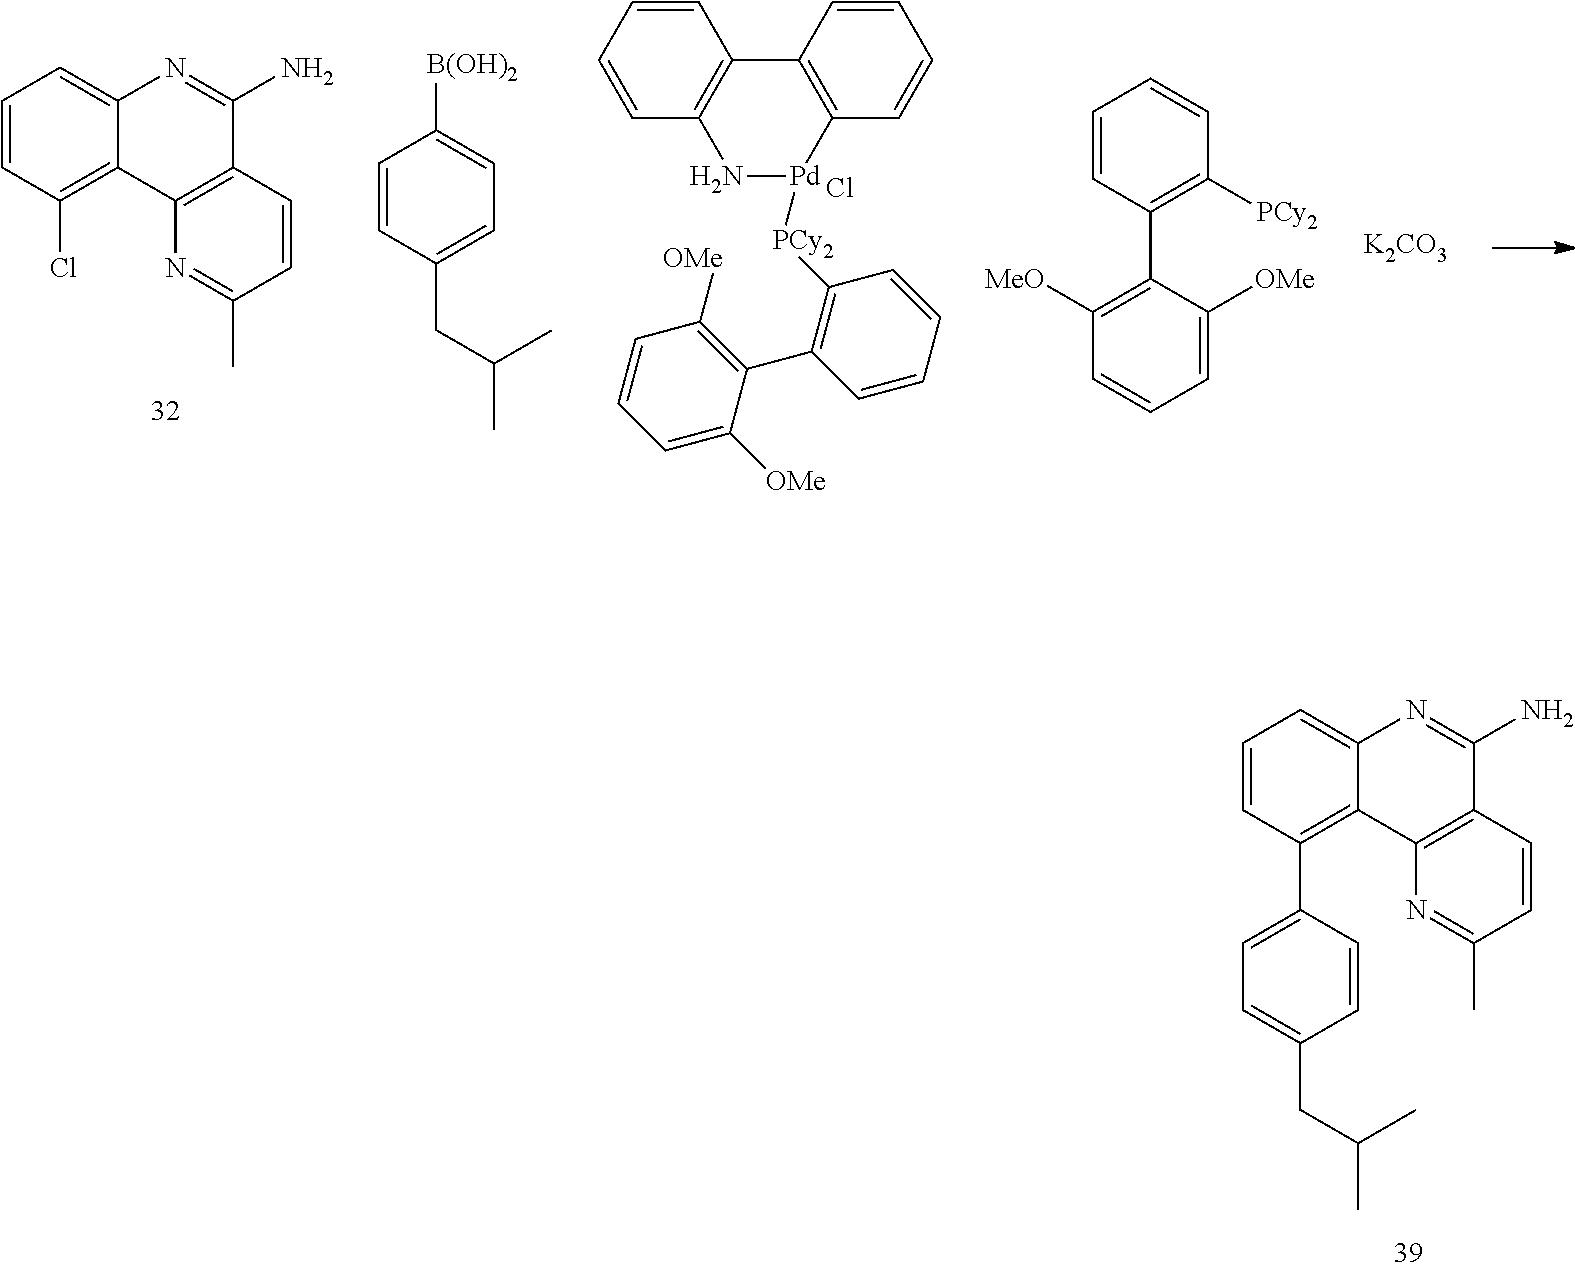 Figure US09905785-20180227-C00415